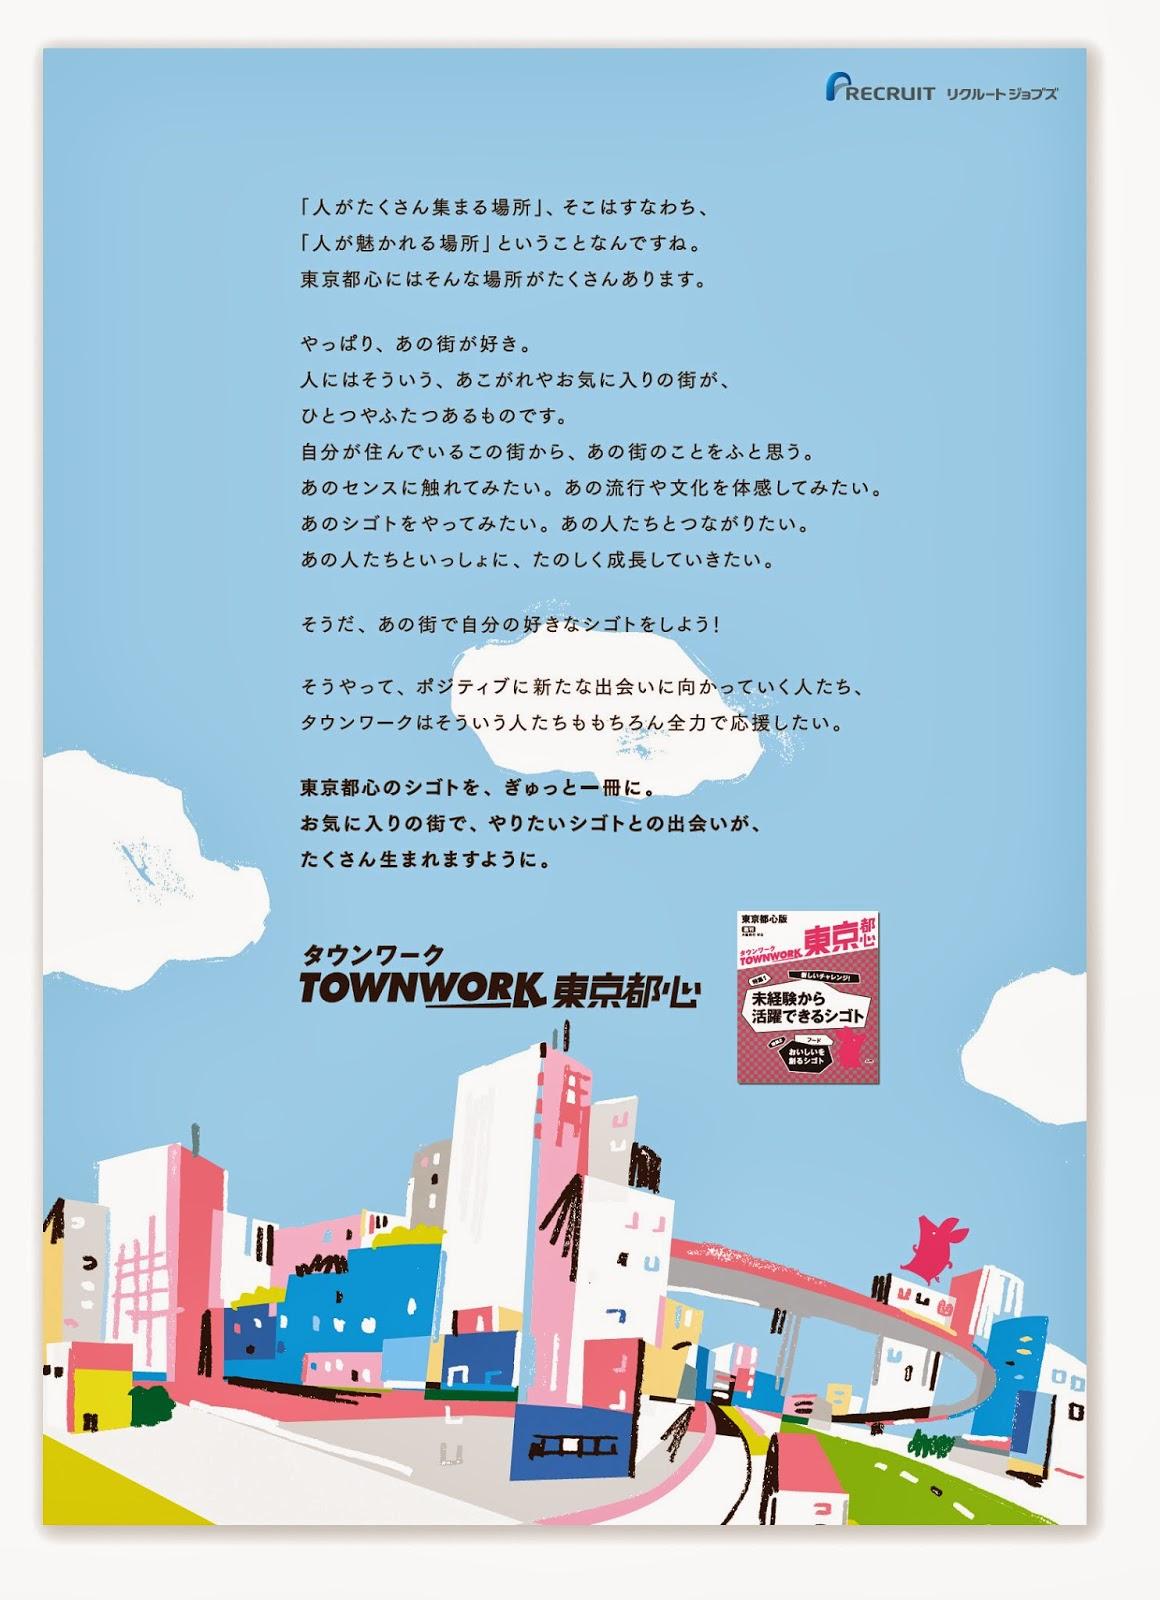 東京 タウンワーク